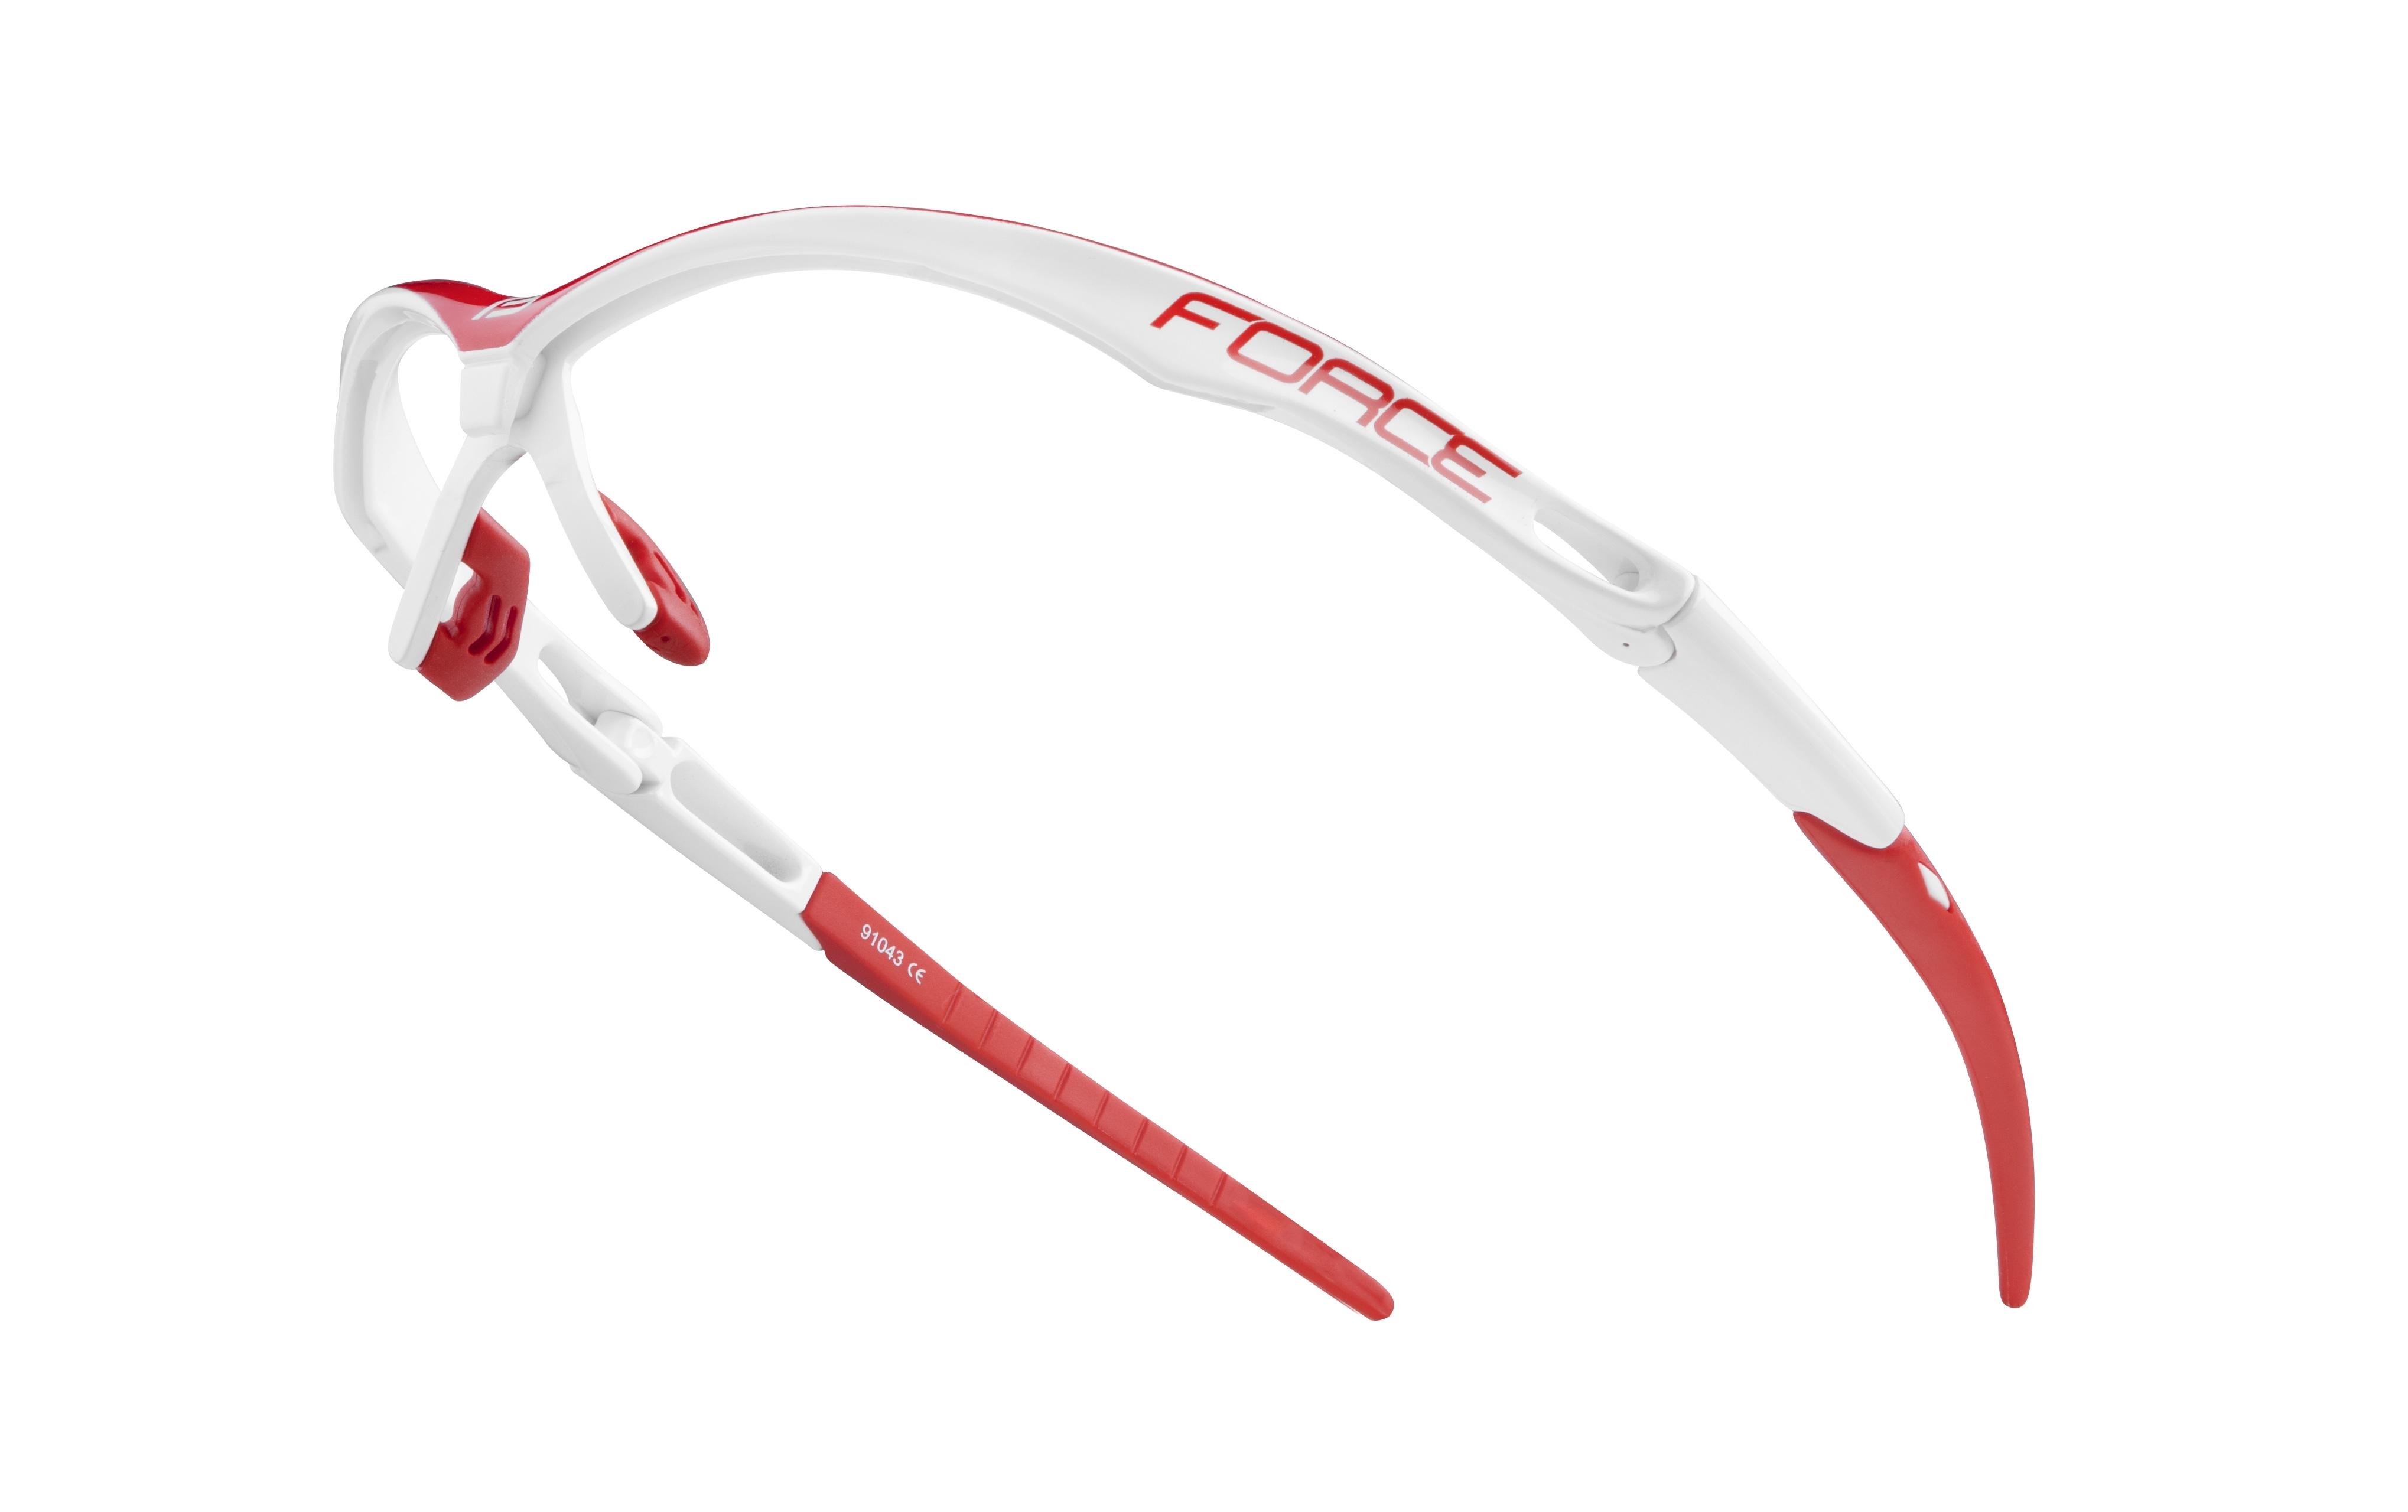 obroučky FORCE AIR bílo-červené - náhradní díl